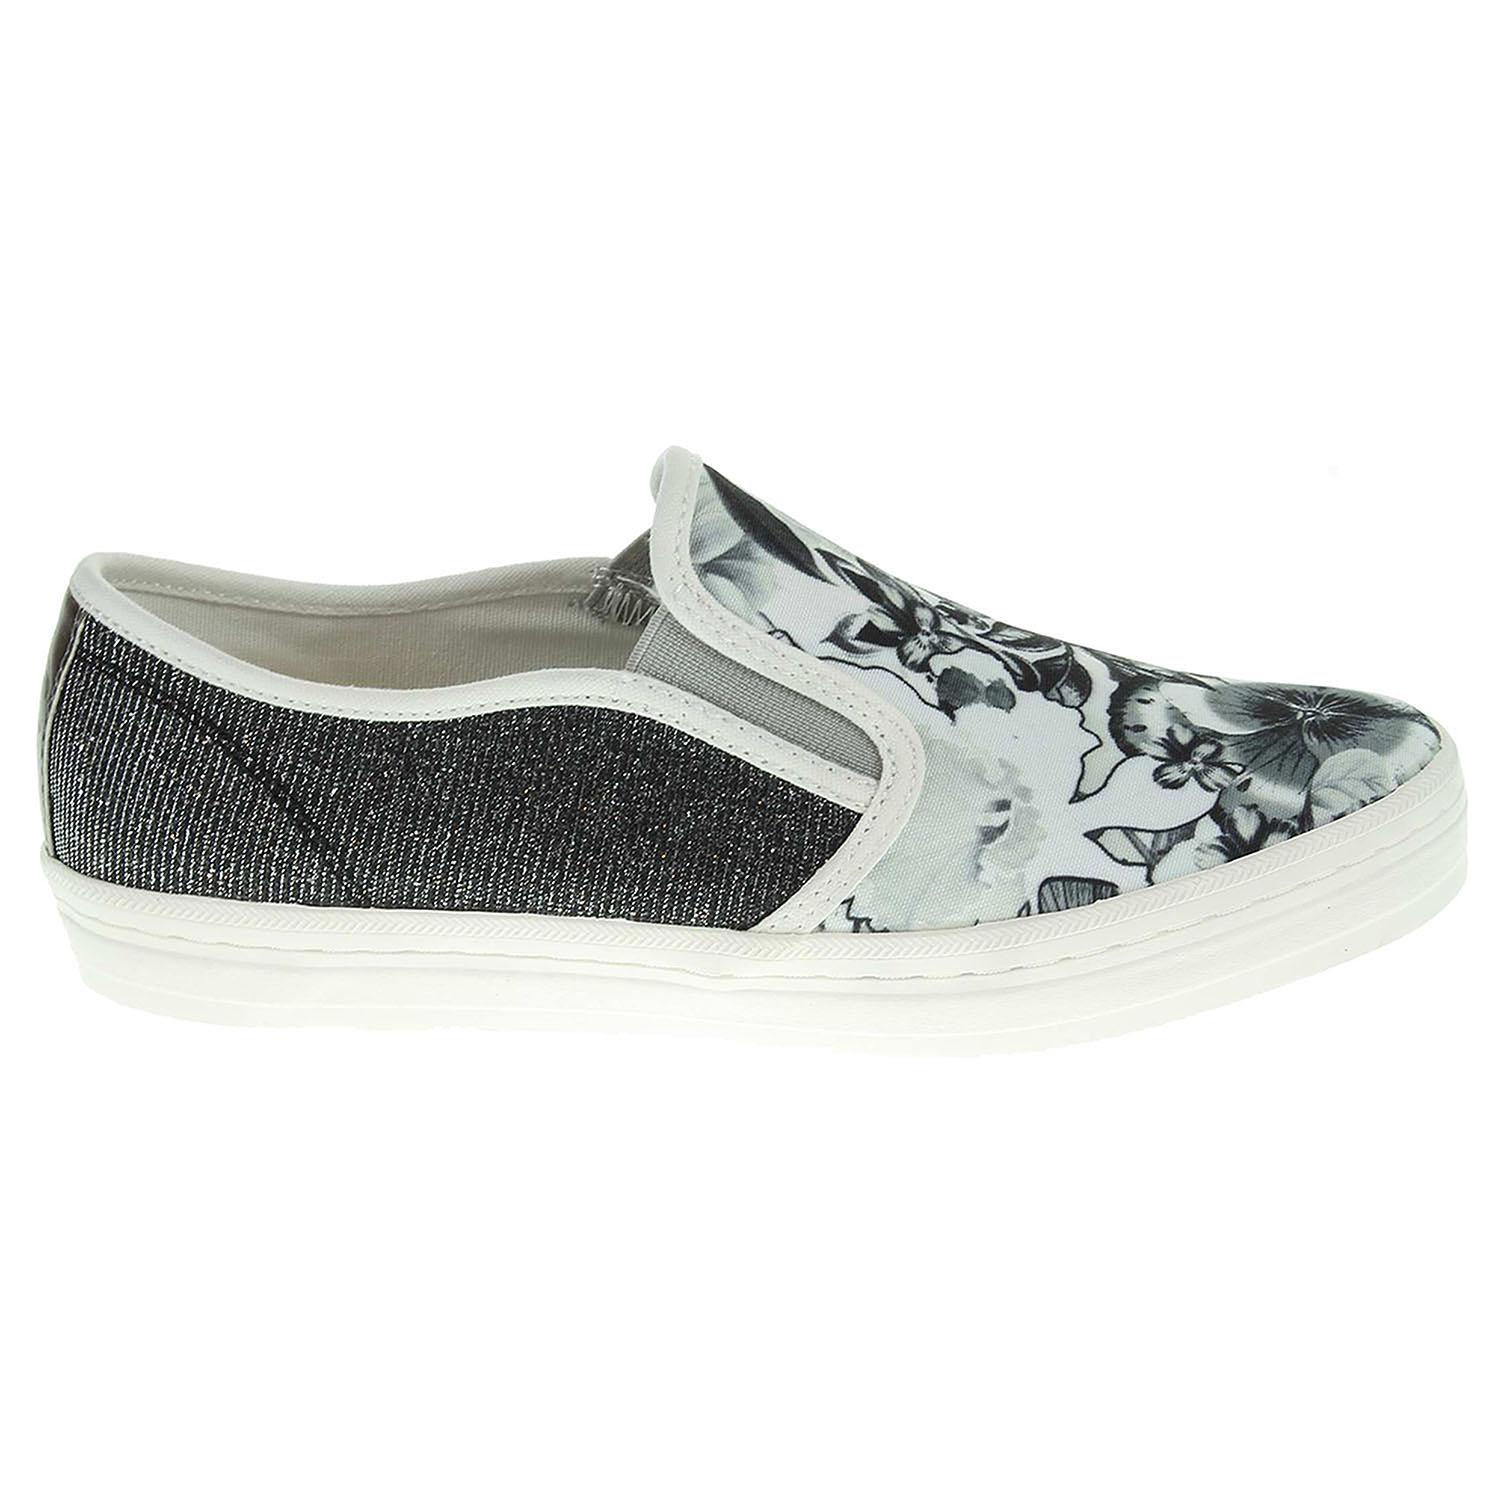 s.Oliver dámská obuv 5-24634-26 černá 38